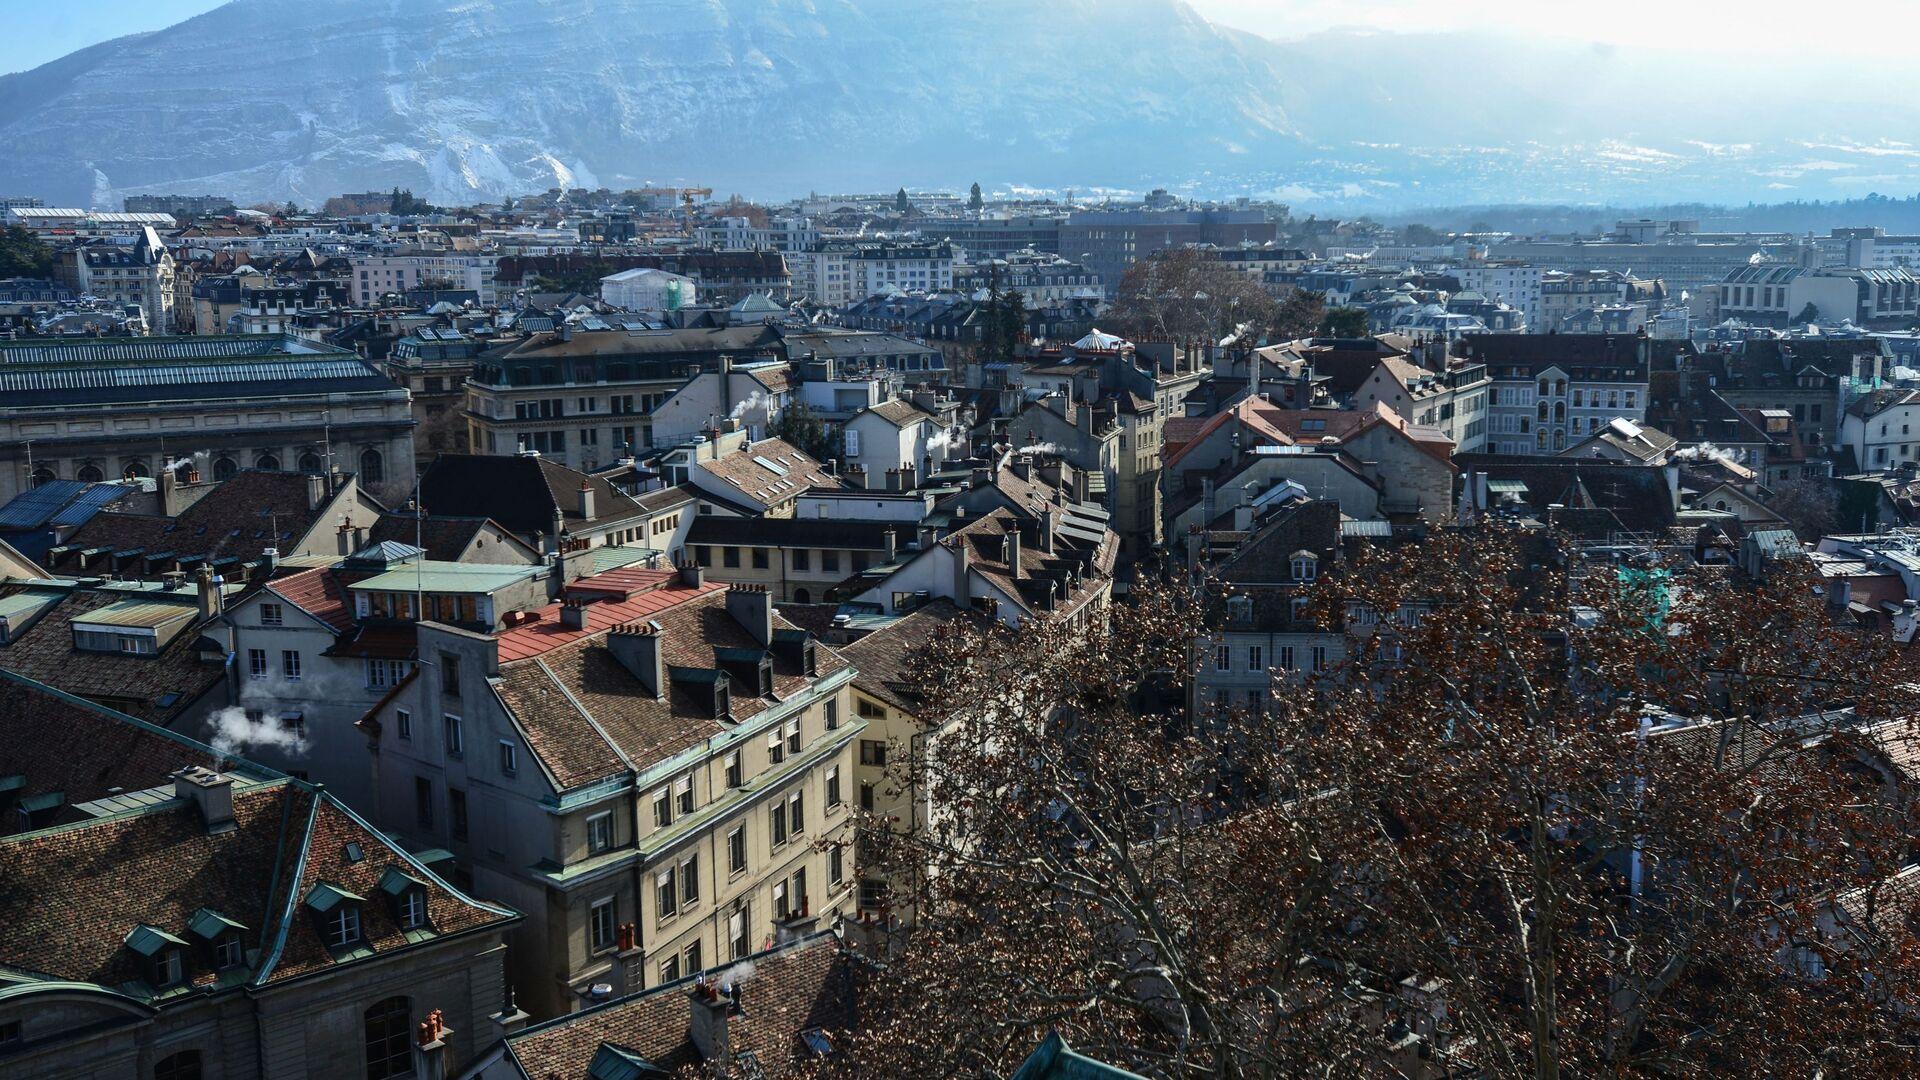 Вид на улицы Женевы - РИА Новости, 1920, 08.06.2021